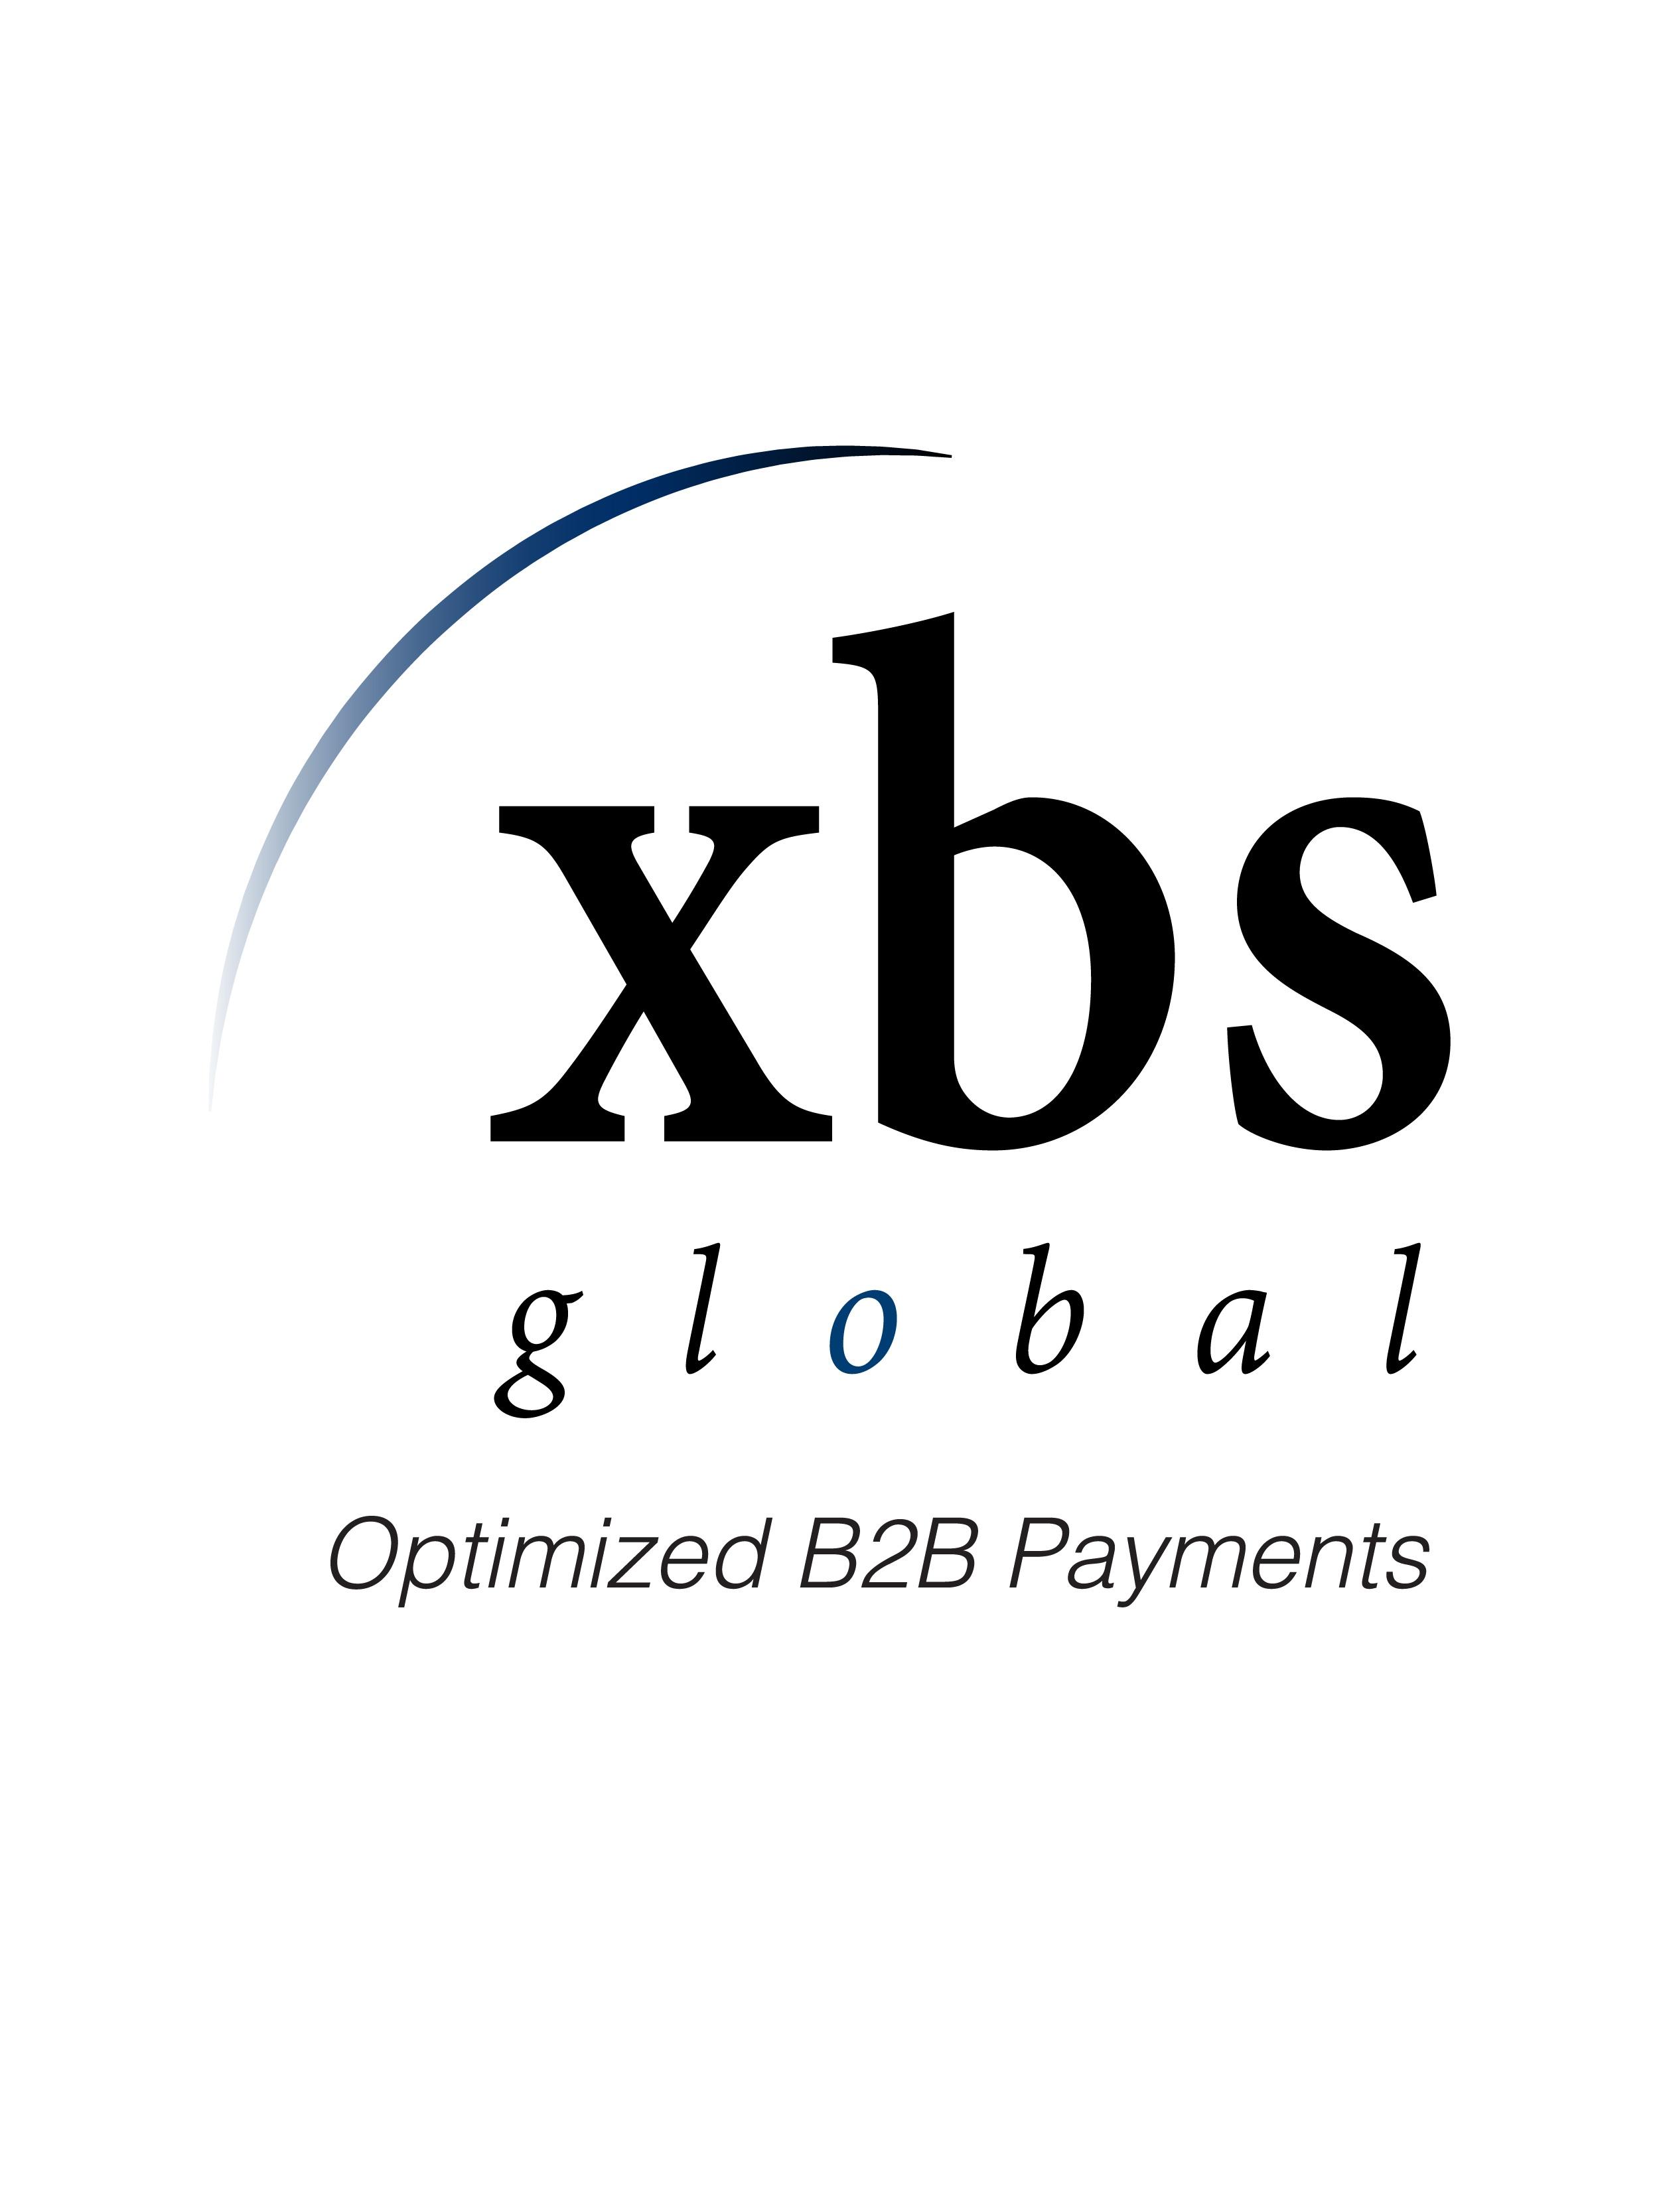 XBS Global